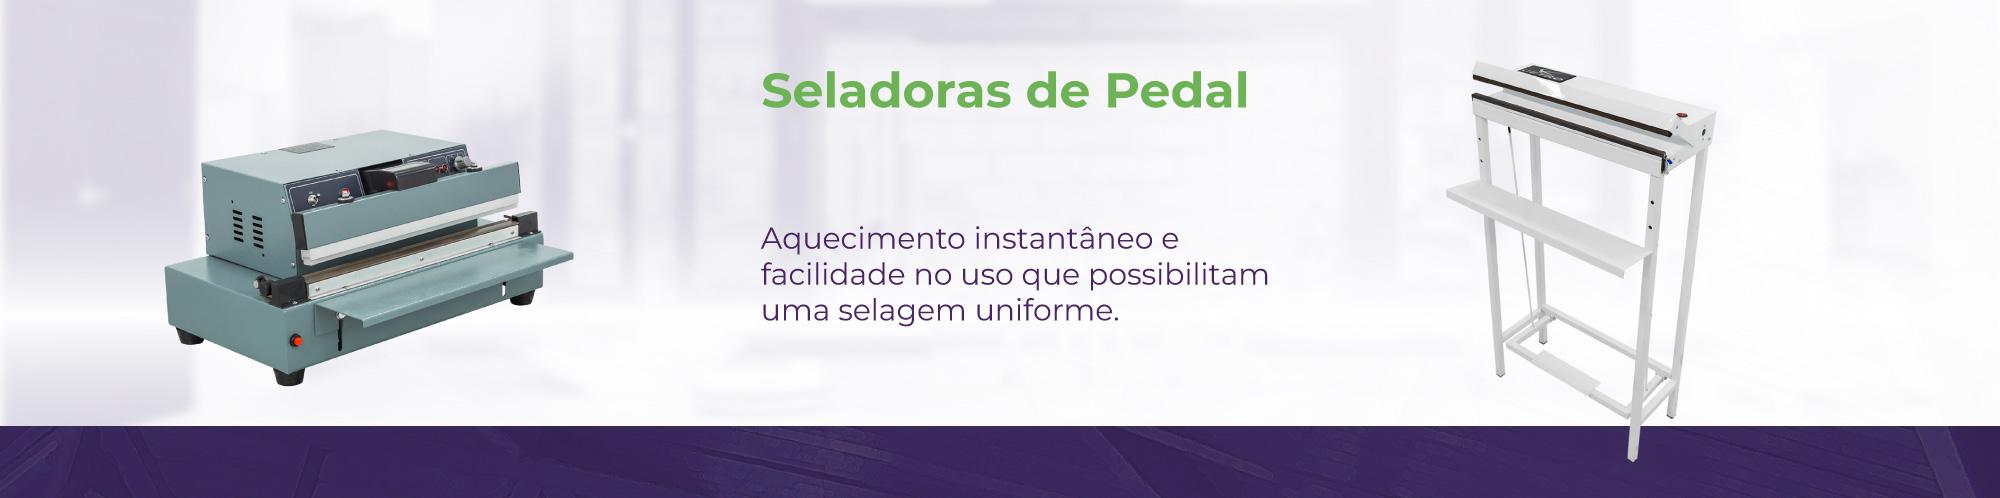 Categorias - Seladoras de Pedal